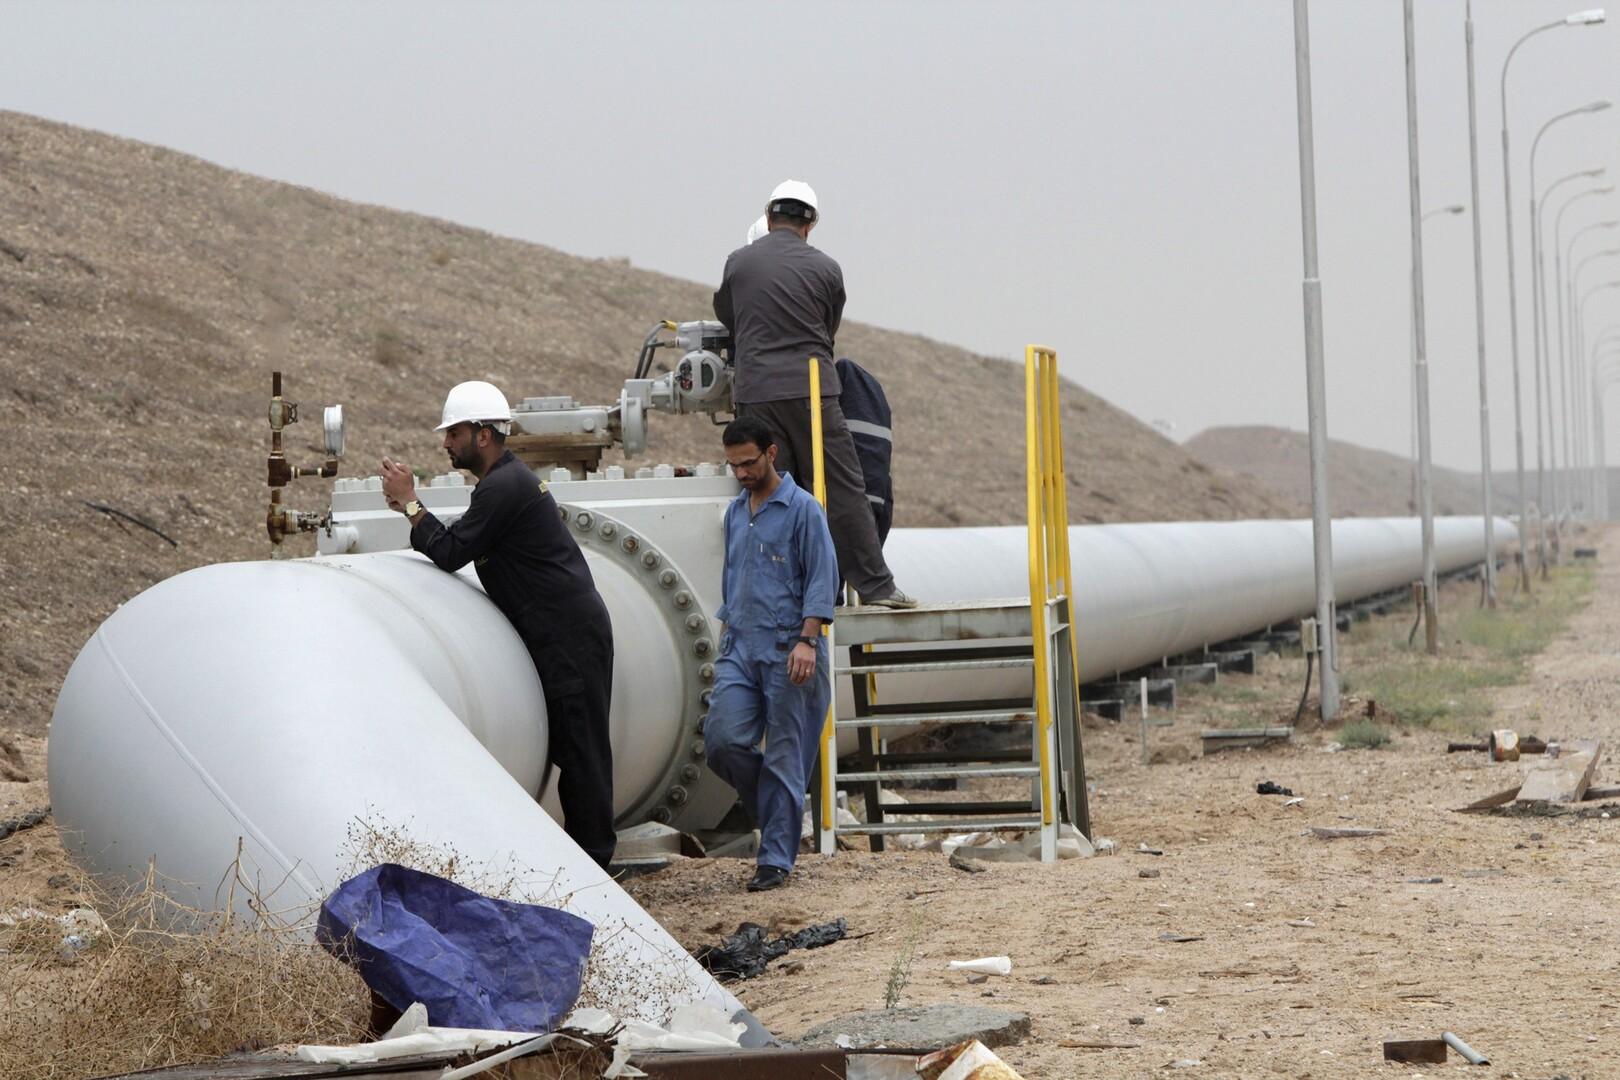 وزير النفط العراقي: نقترب من الوصول إلى إنتاج 5 ملايين برميل نفط يوميا